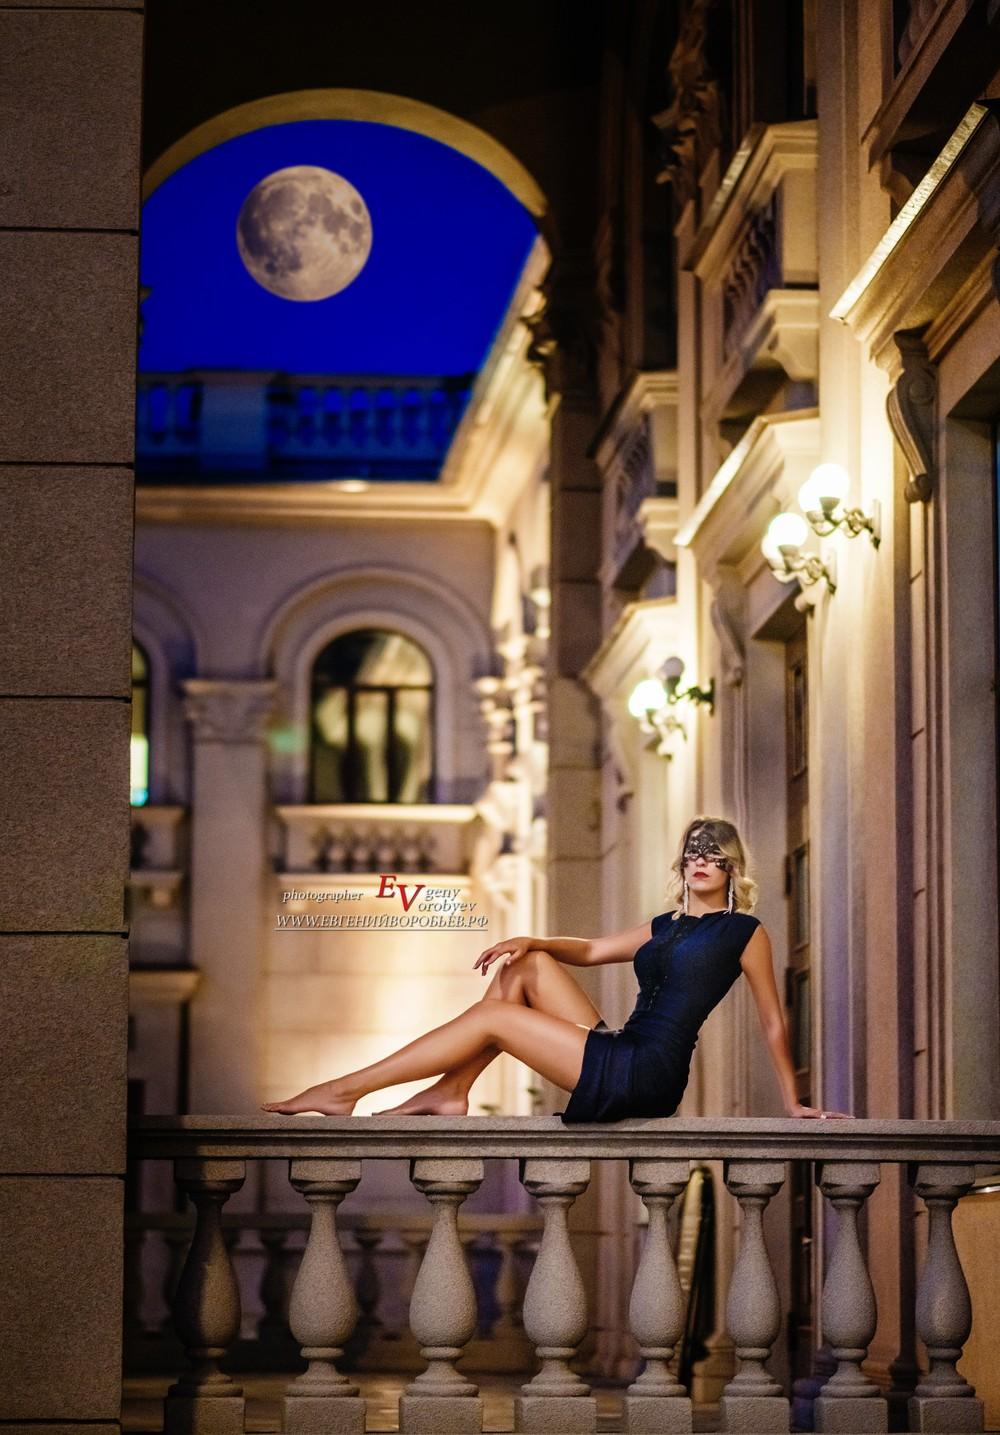 идея место красивая фотосессия девушка улица Красноярск фотограф ночь город